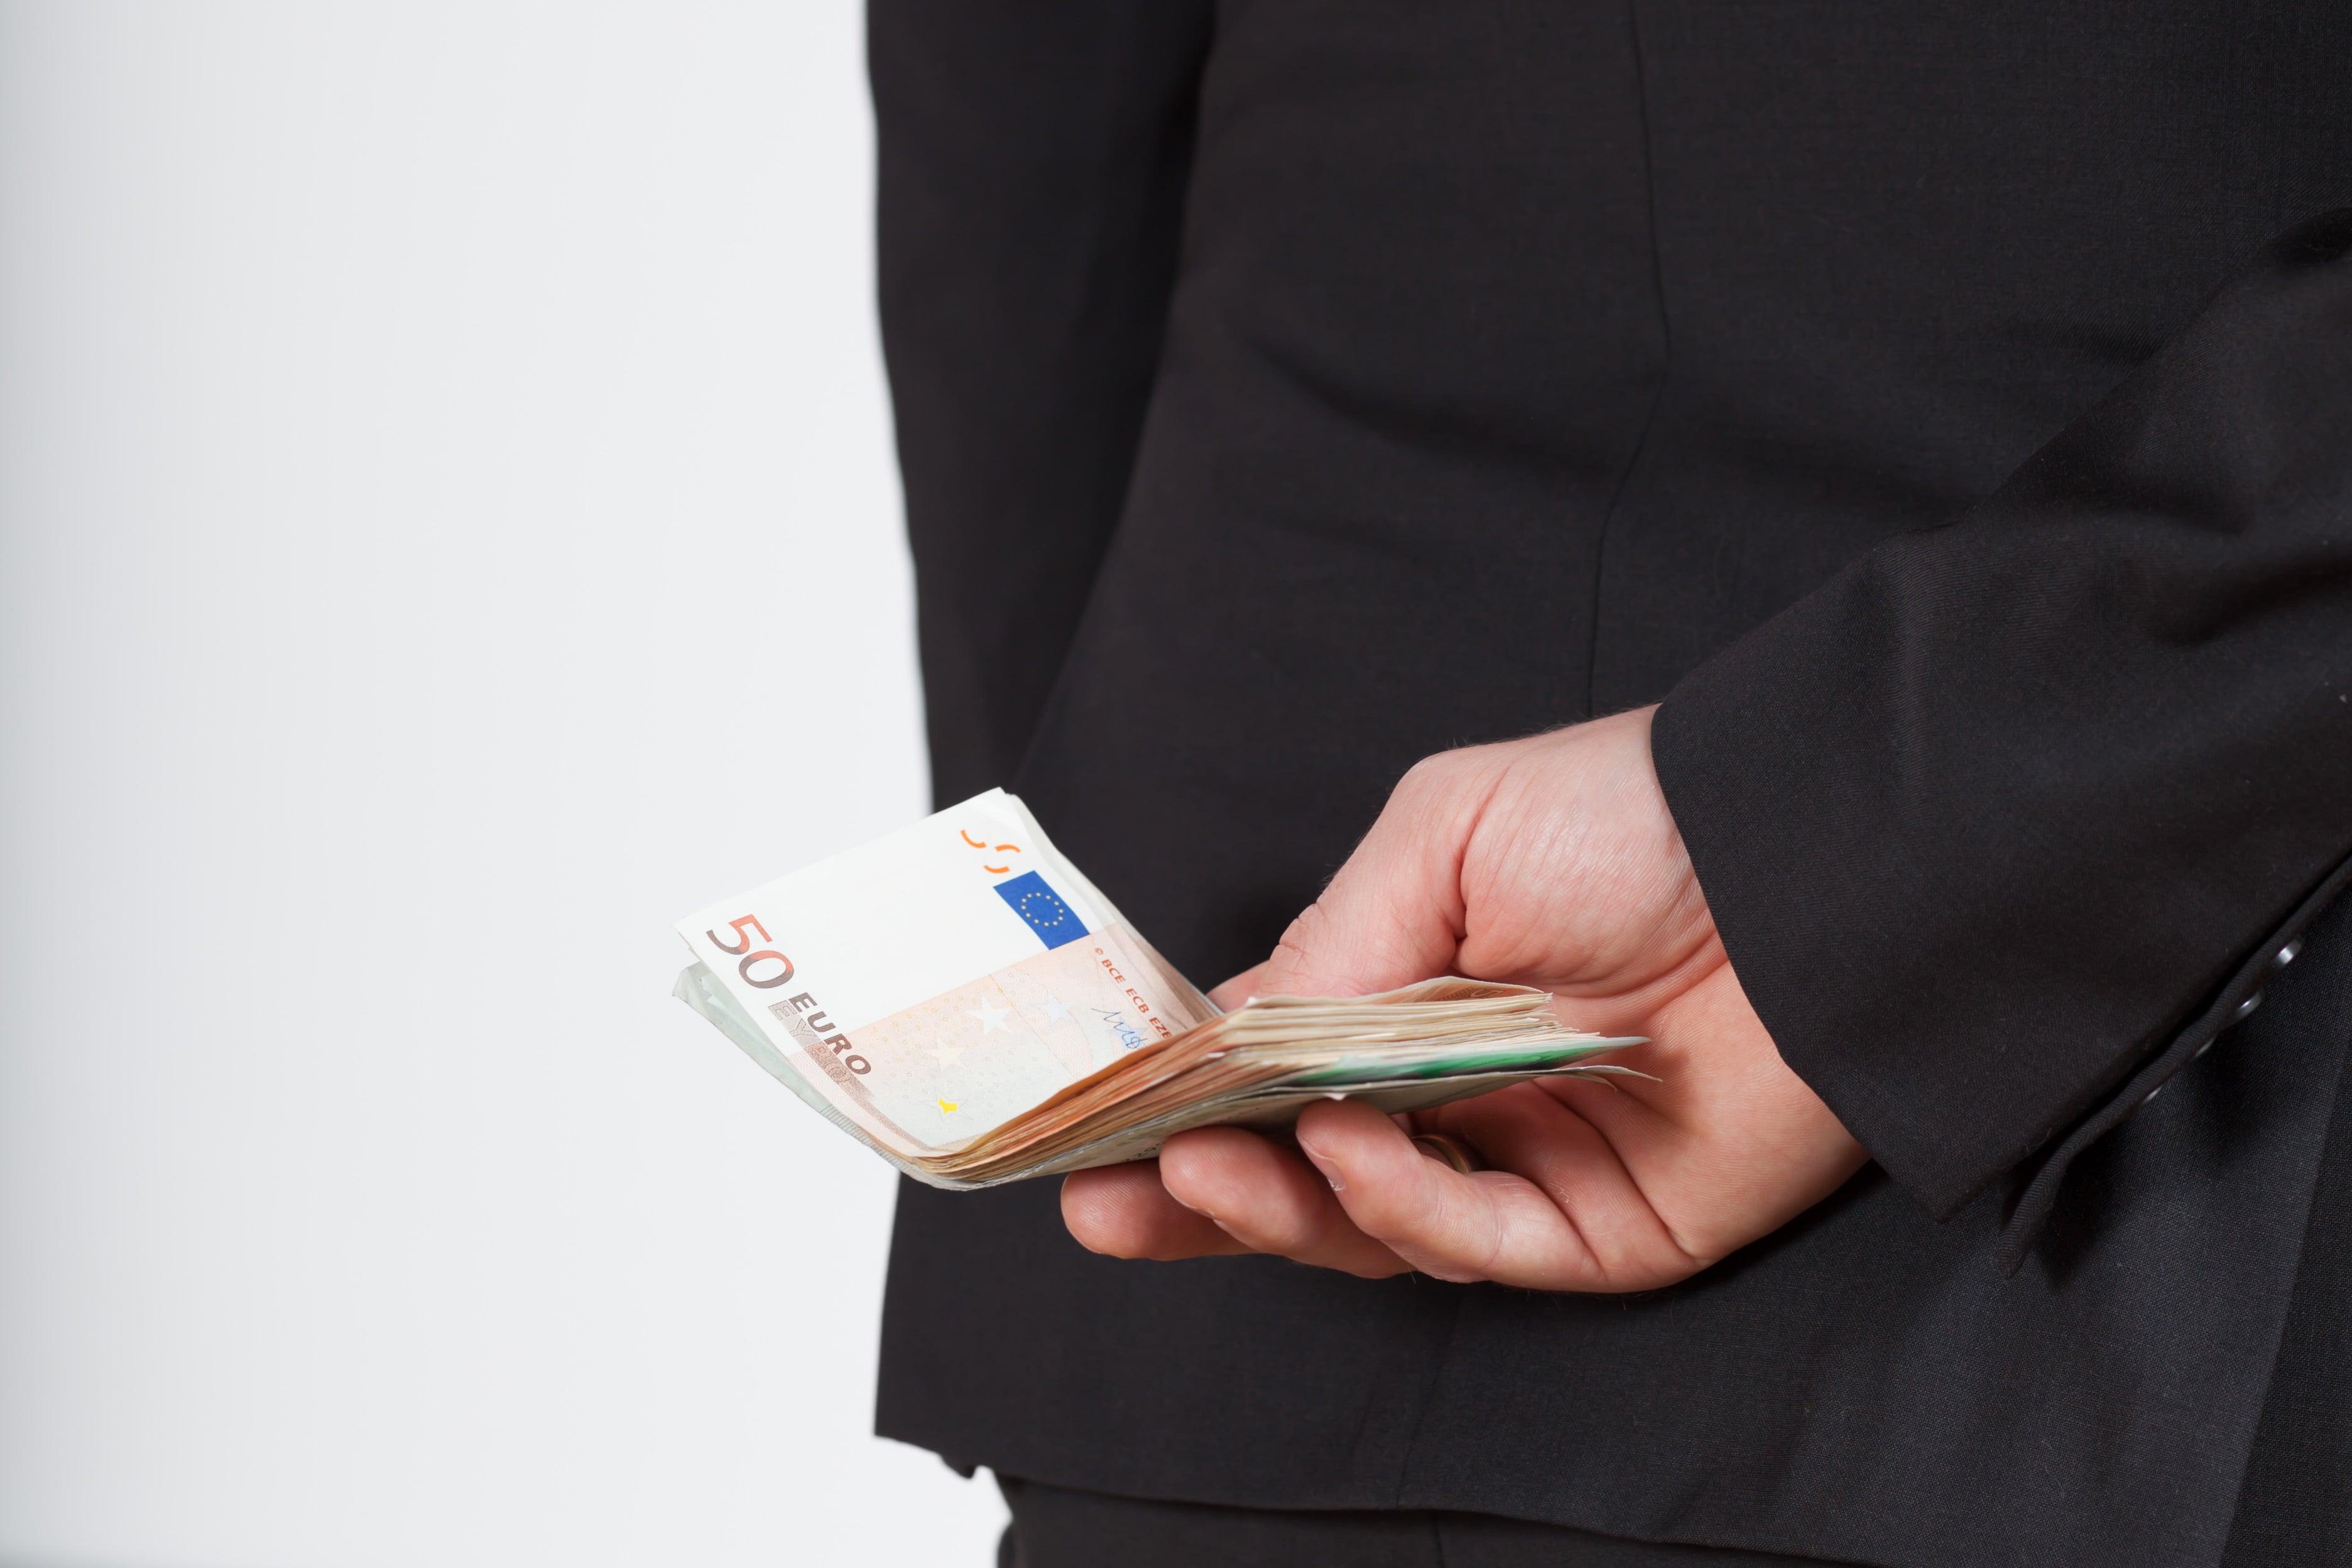 prestamistas en Collado Villalba particulares y privados